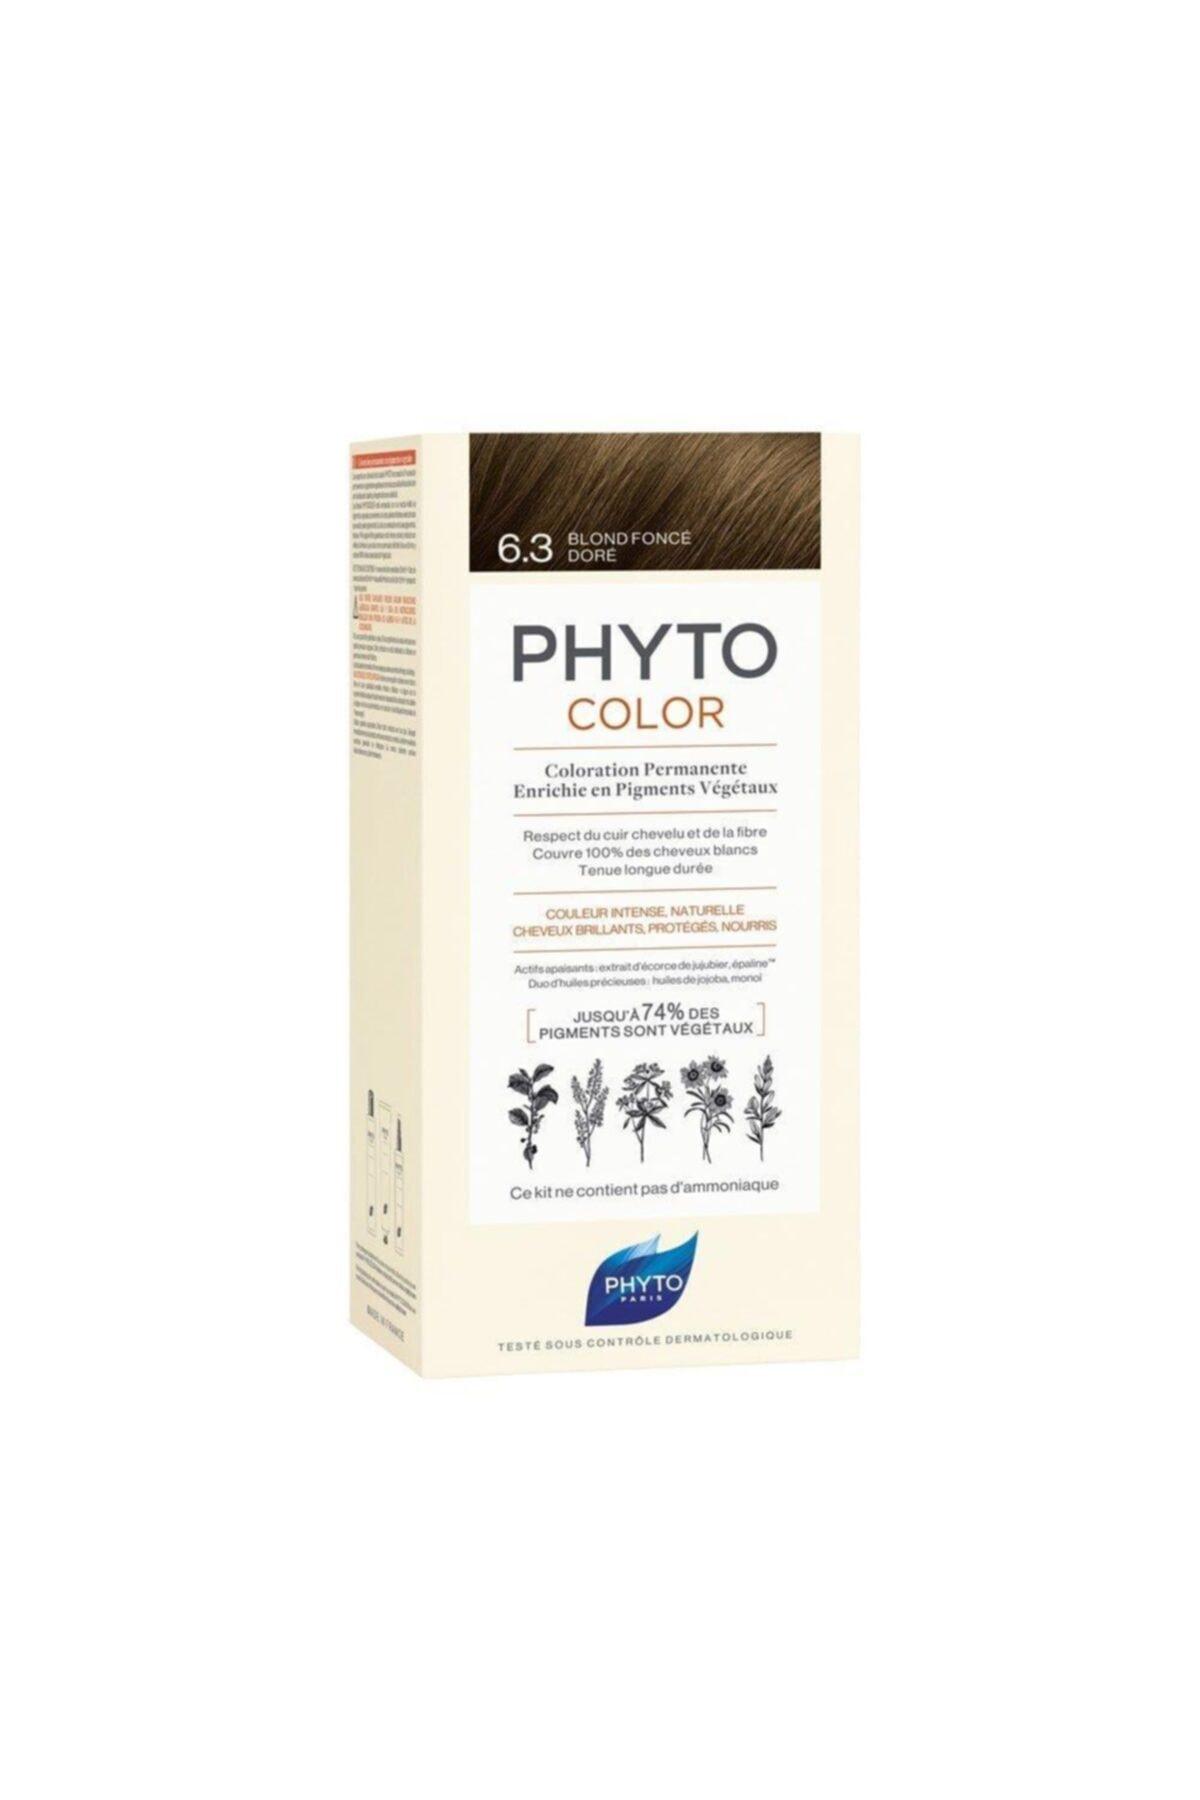 Phyto Koyu Kumral Yeni Seri Dore Saç Boyası Color 6.3 1